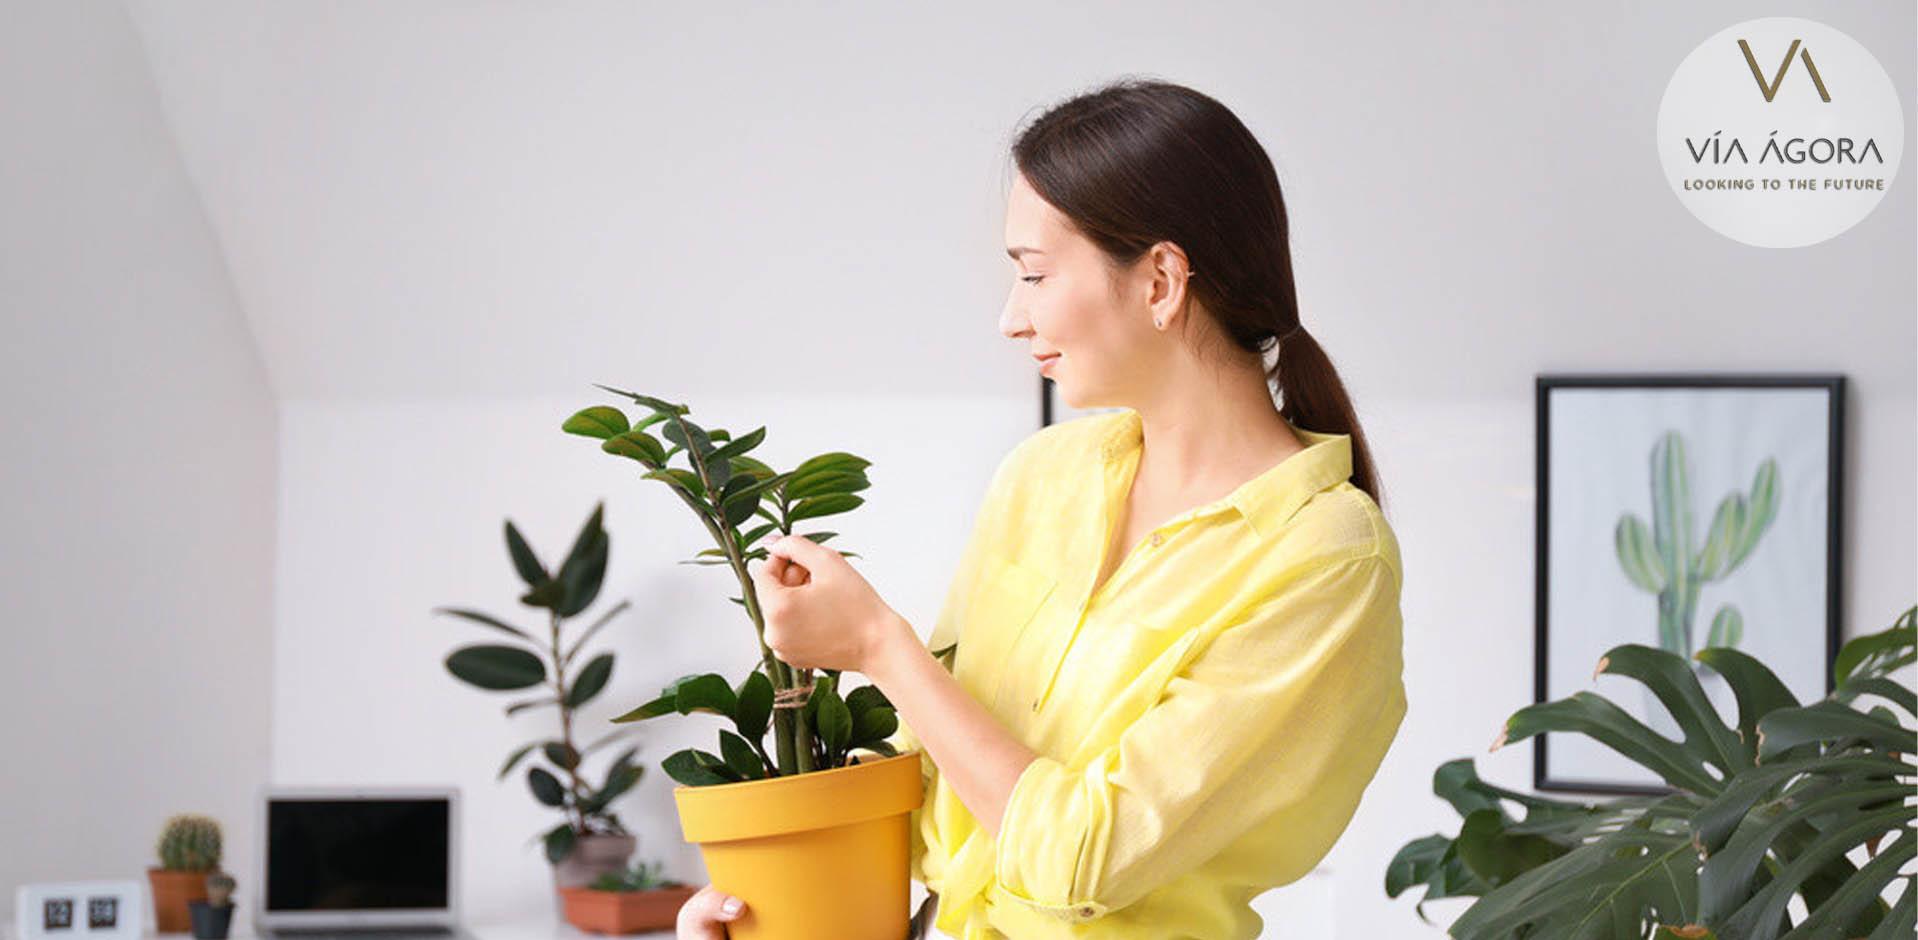 caracteristicas-plantas-via-agora